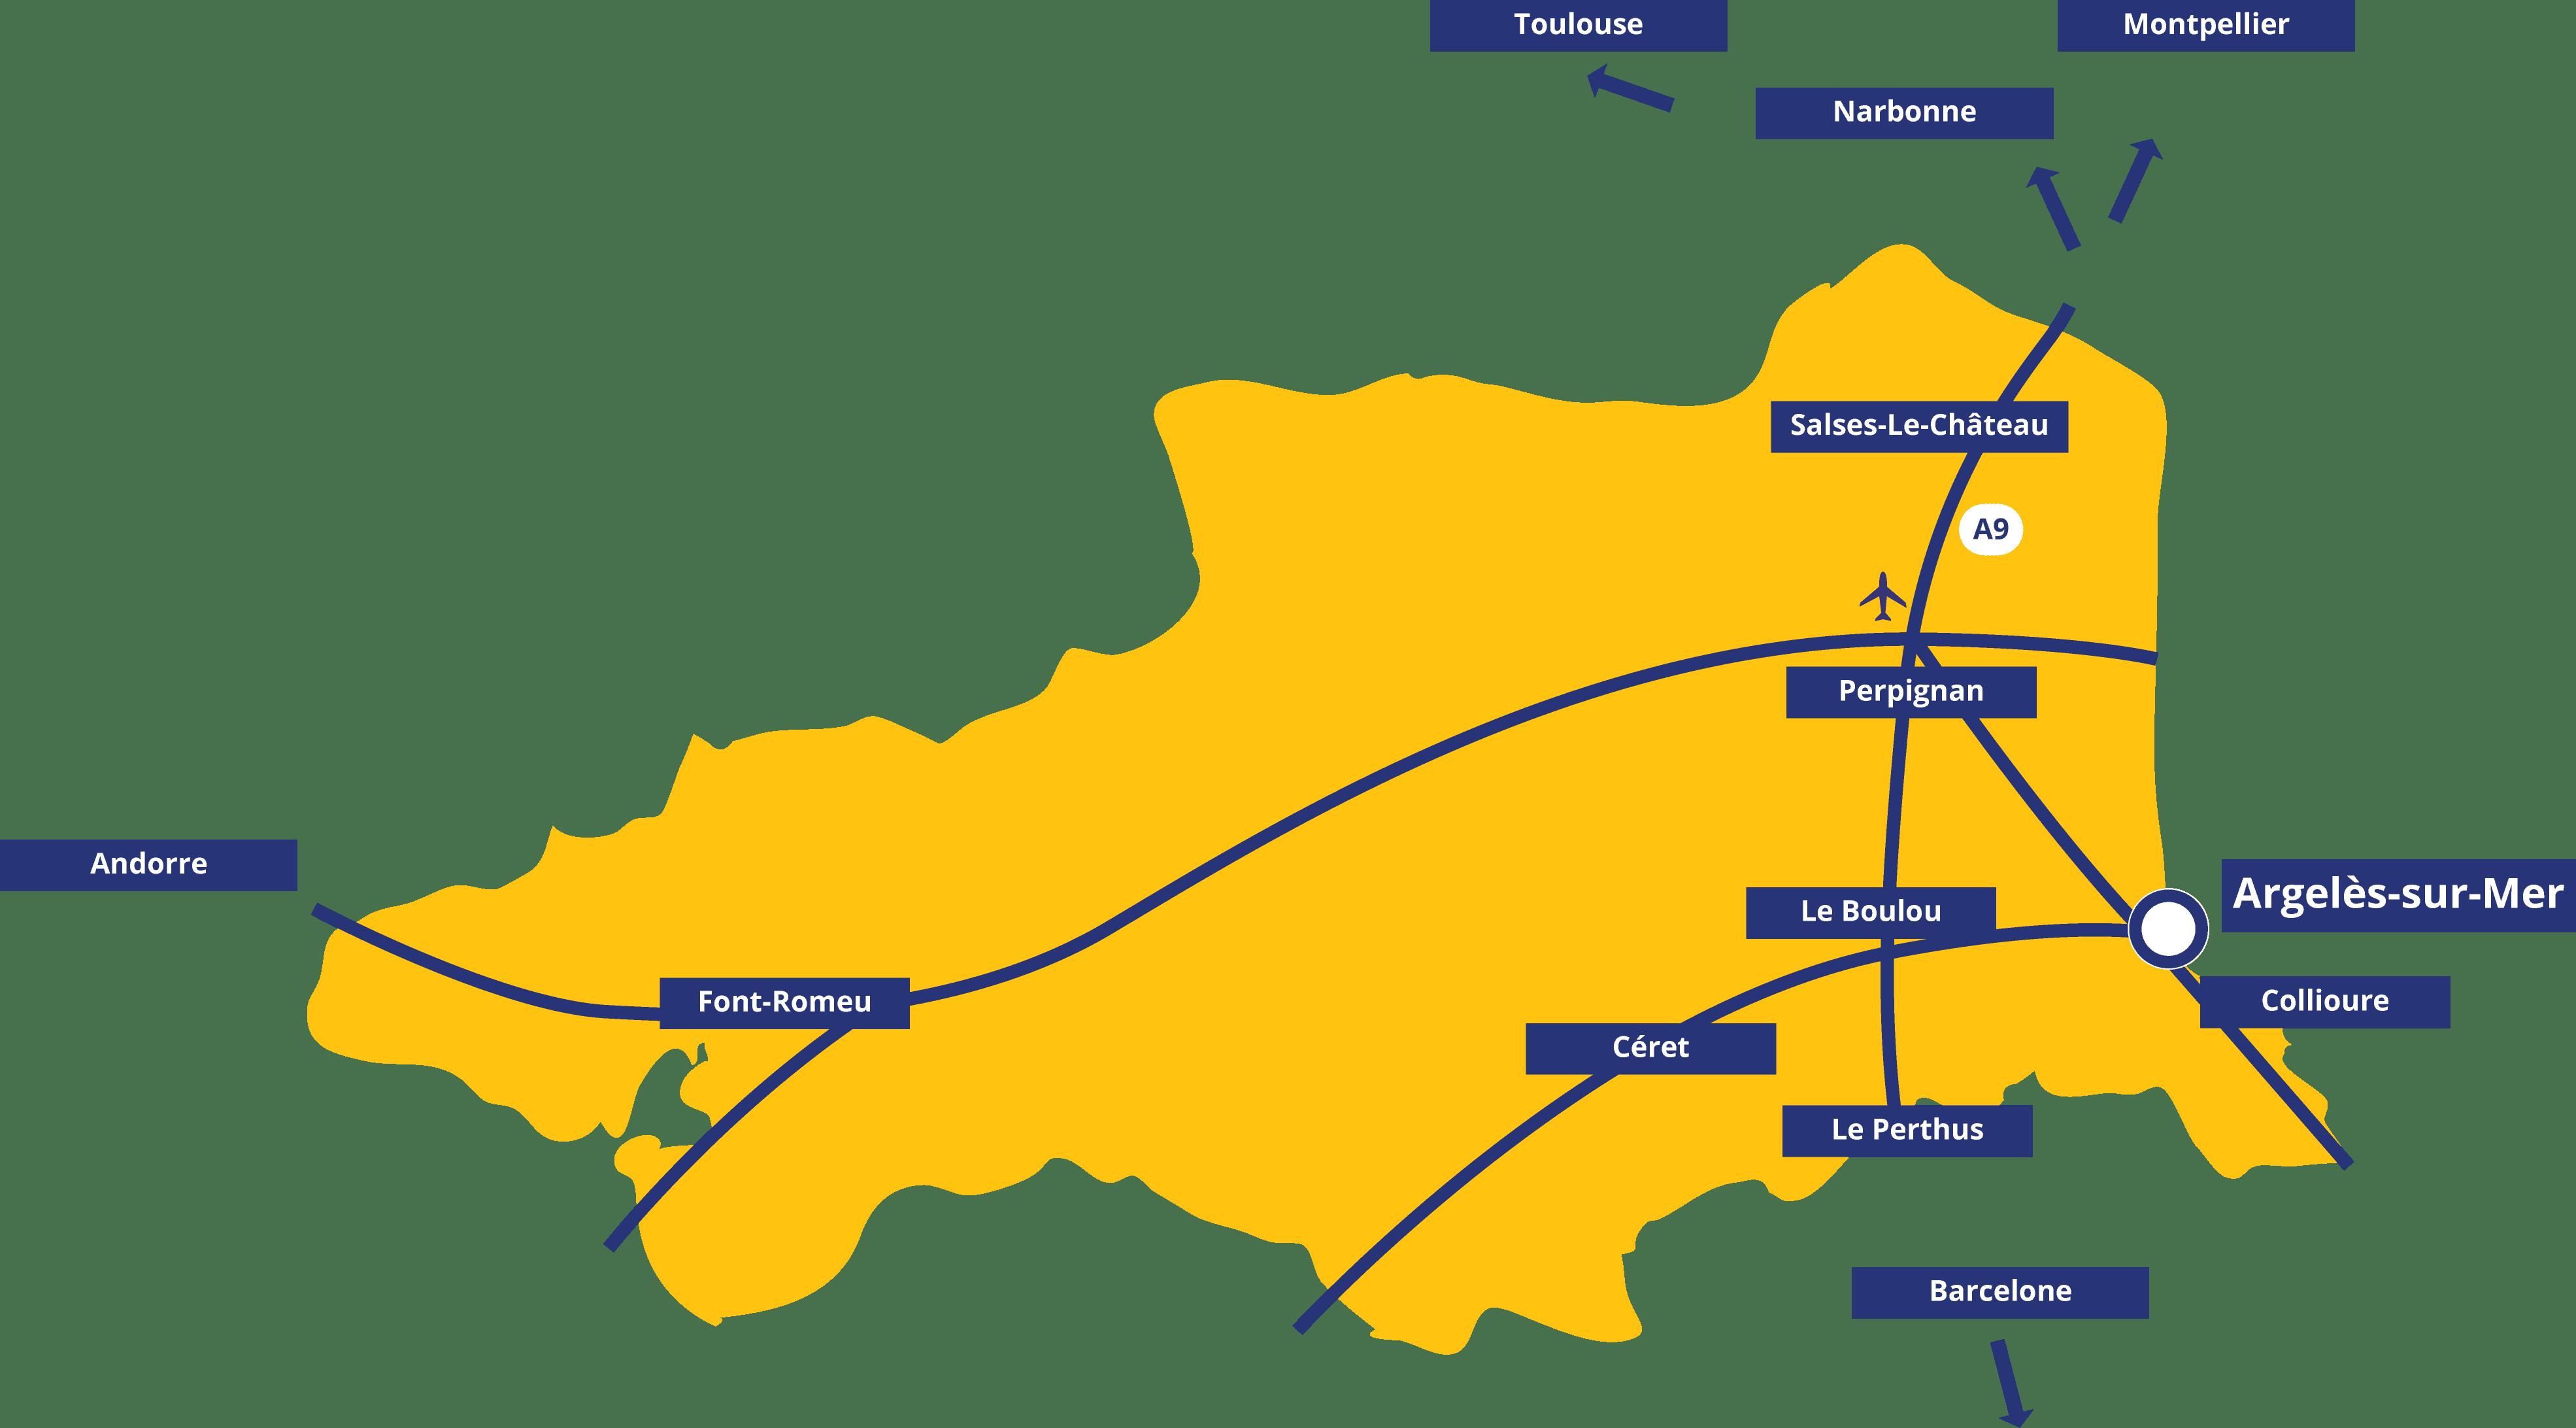 Carte des Pyrénées-Orientales, le Sud de la France